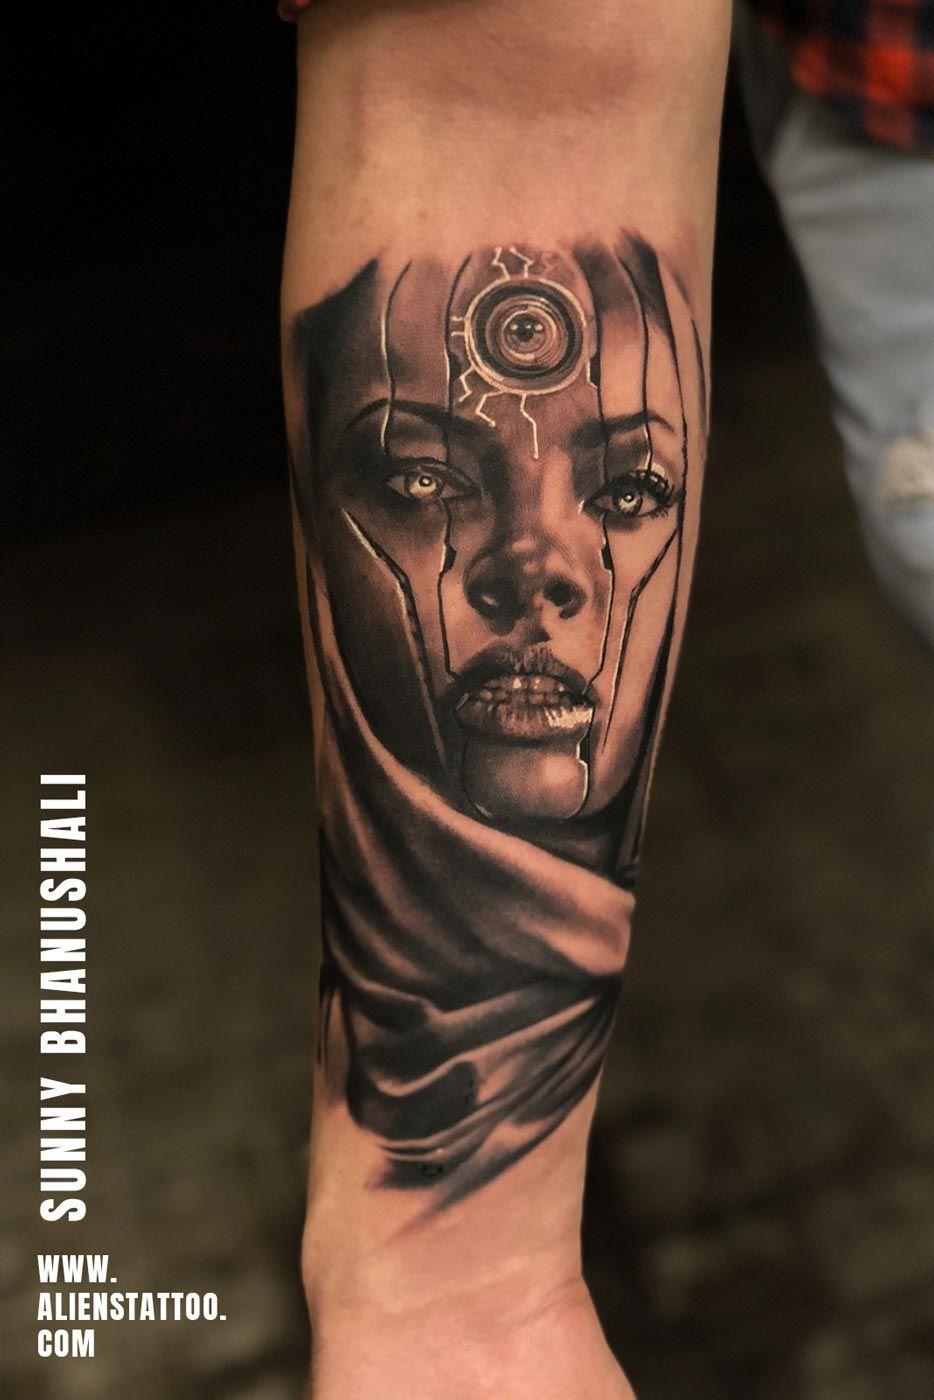 Best realistic portrait tattoos alien tattoo tattoos